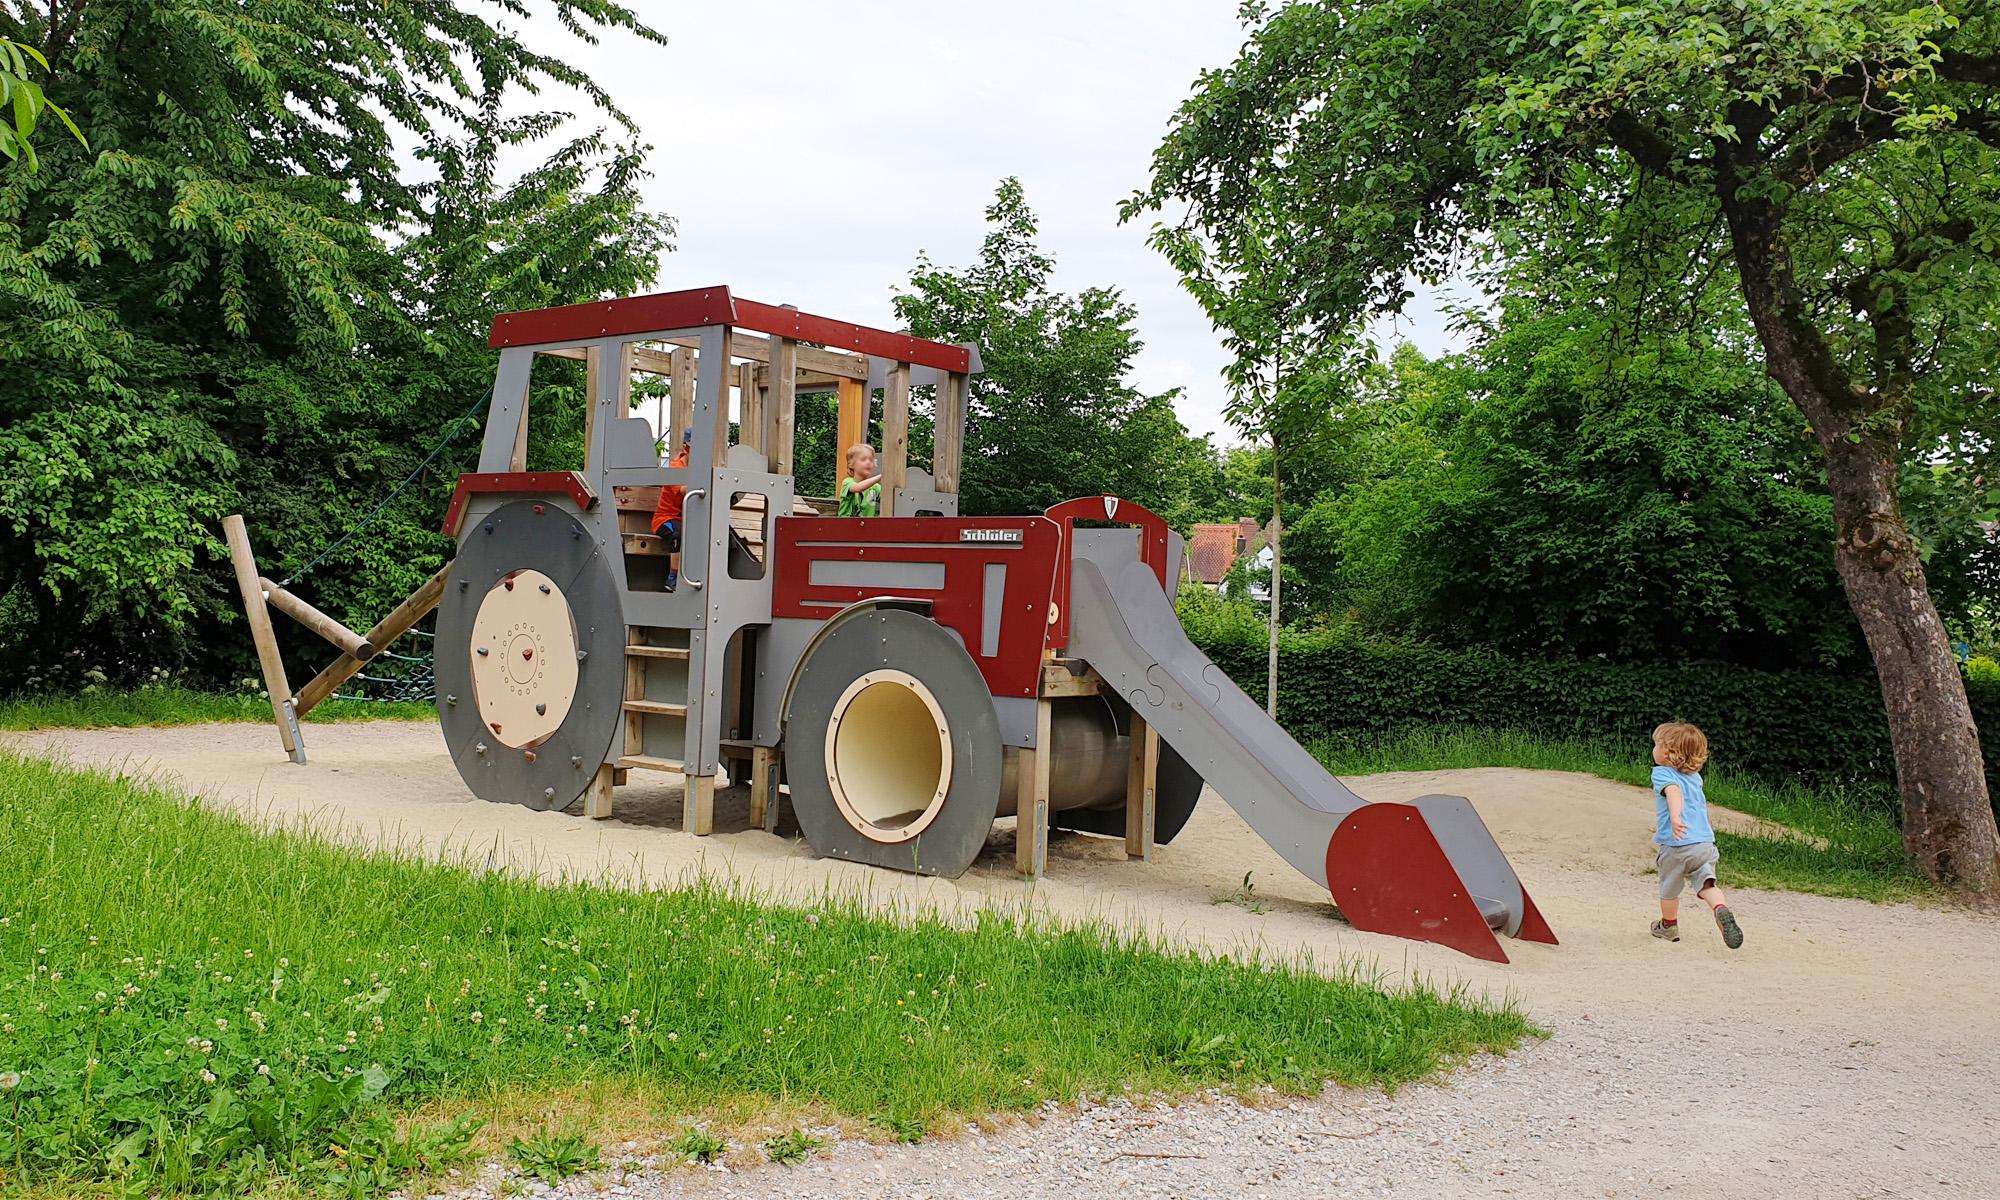 Full Size of Klettergerüst Indoor Diy Fr Alle Traktor Fans Ein Muss Der Originelle Kleinkind Garten Wohnzimmer Klettergerüst Indoor Diy